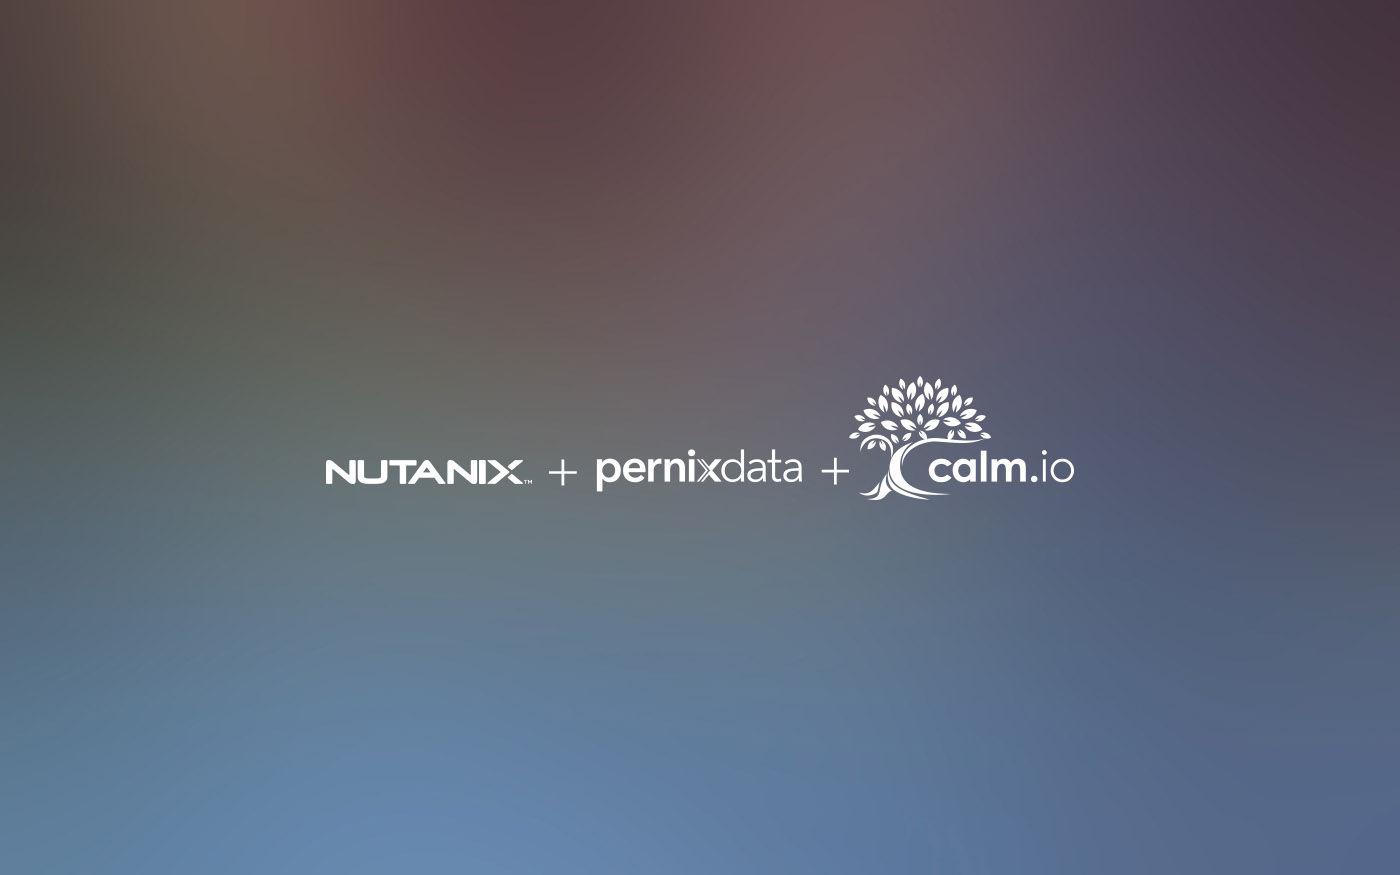 Nutanix acquistion of PernixData and Calm-io